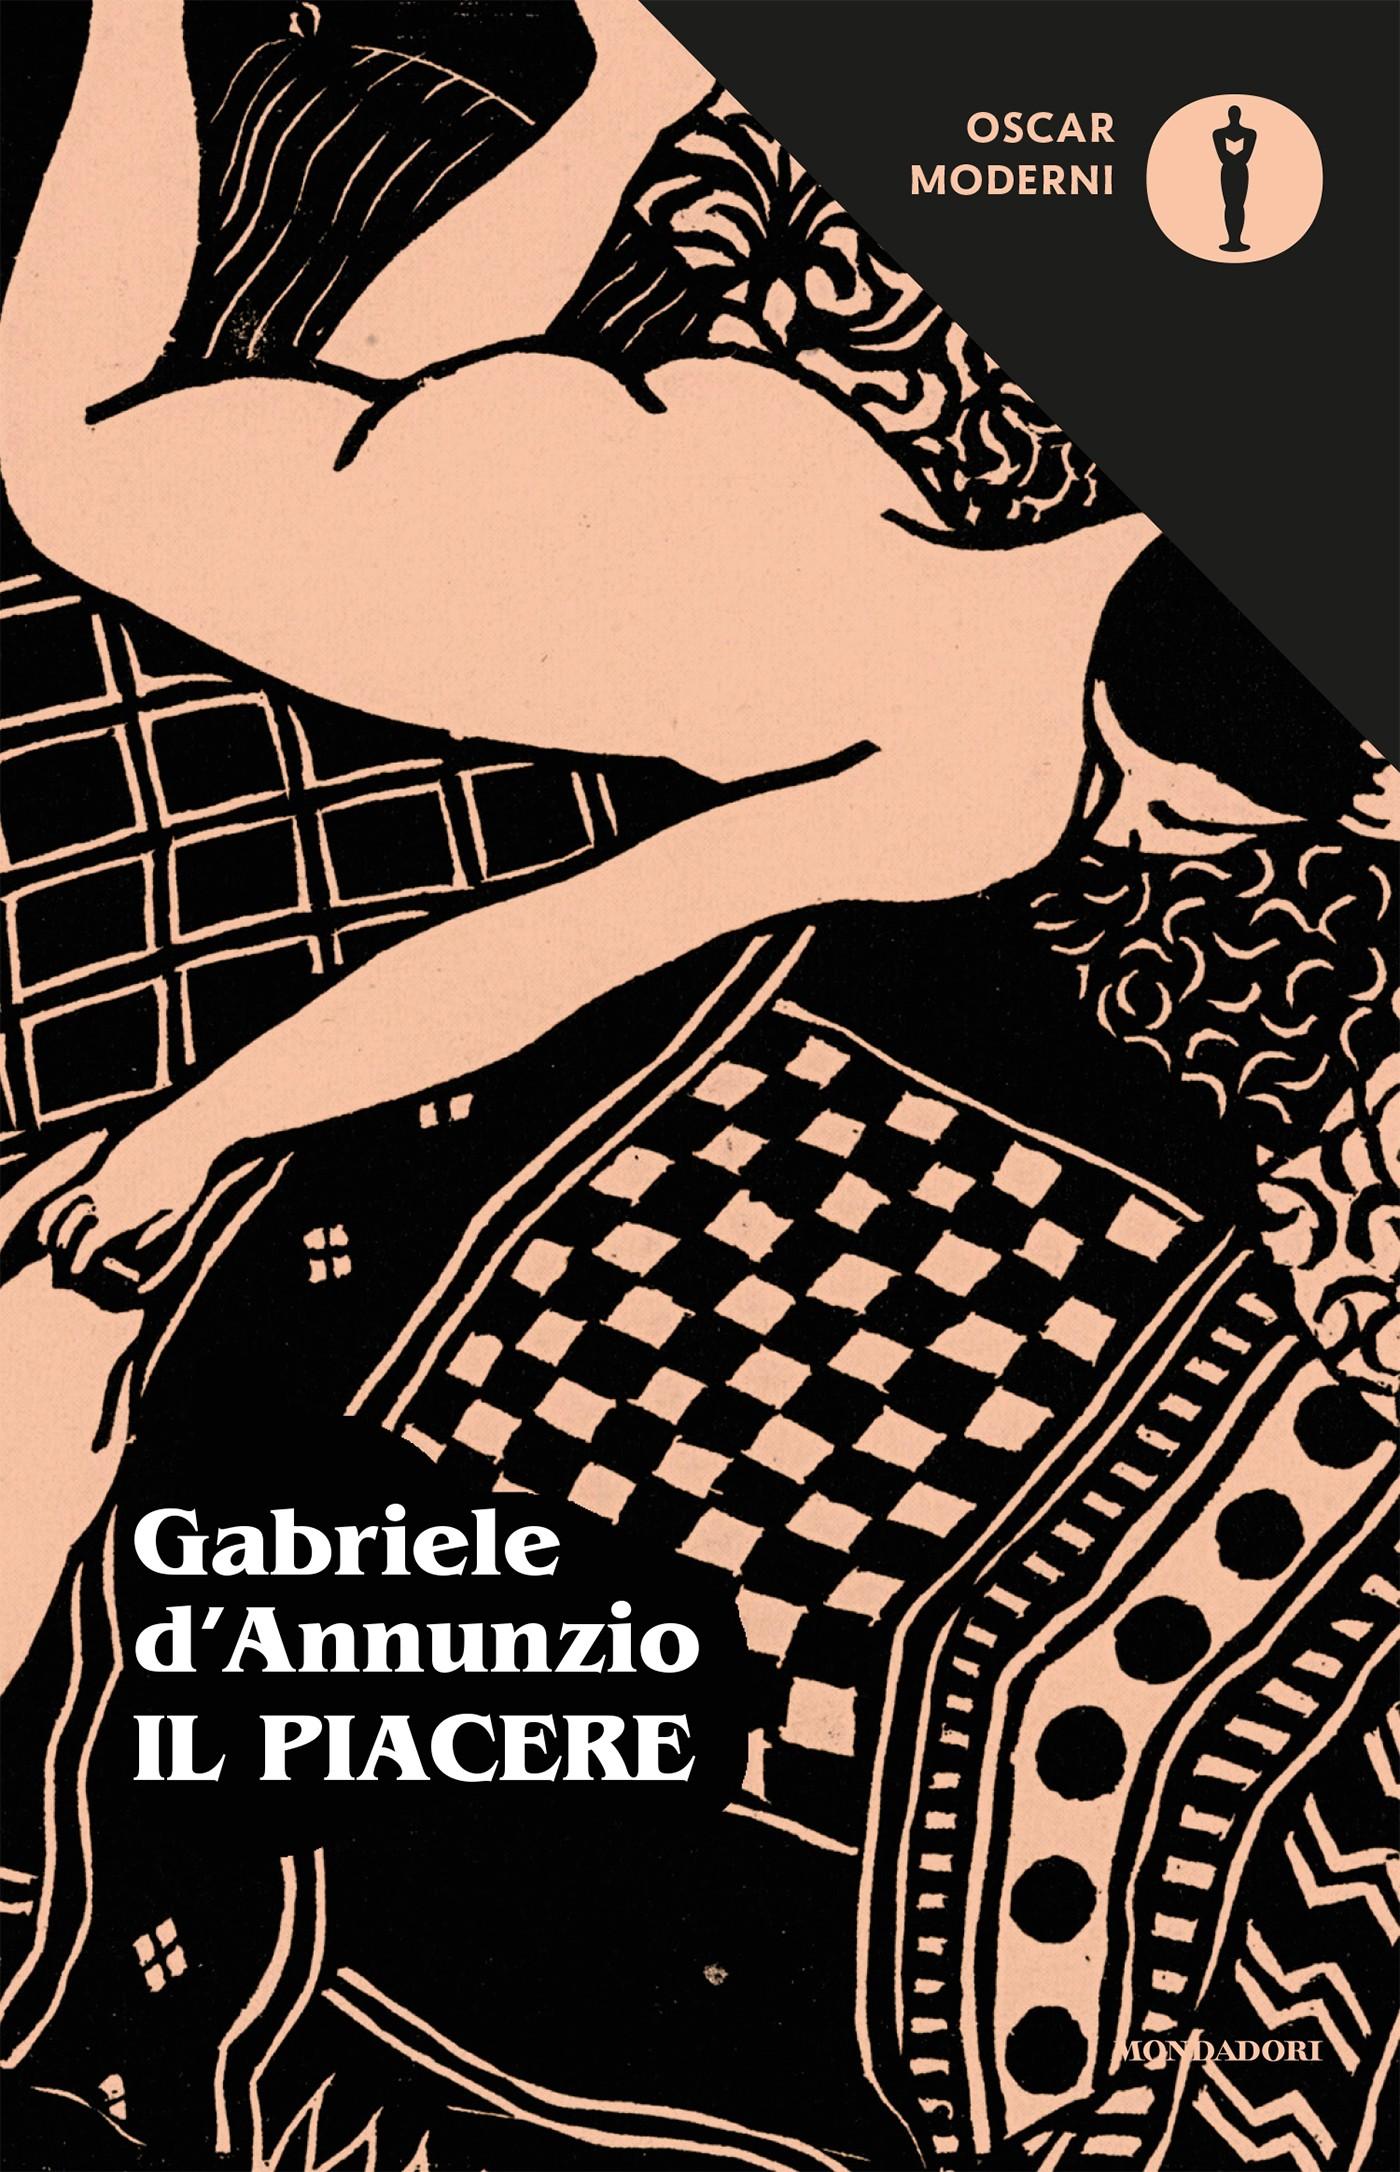 Il Piacere E Meridiani Mondadori Gabriele D Annunzio